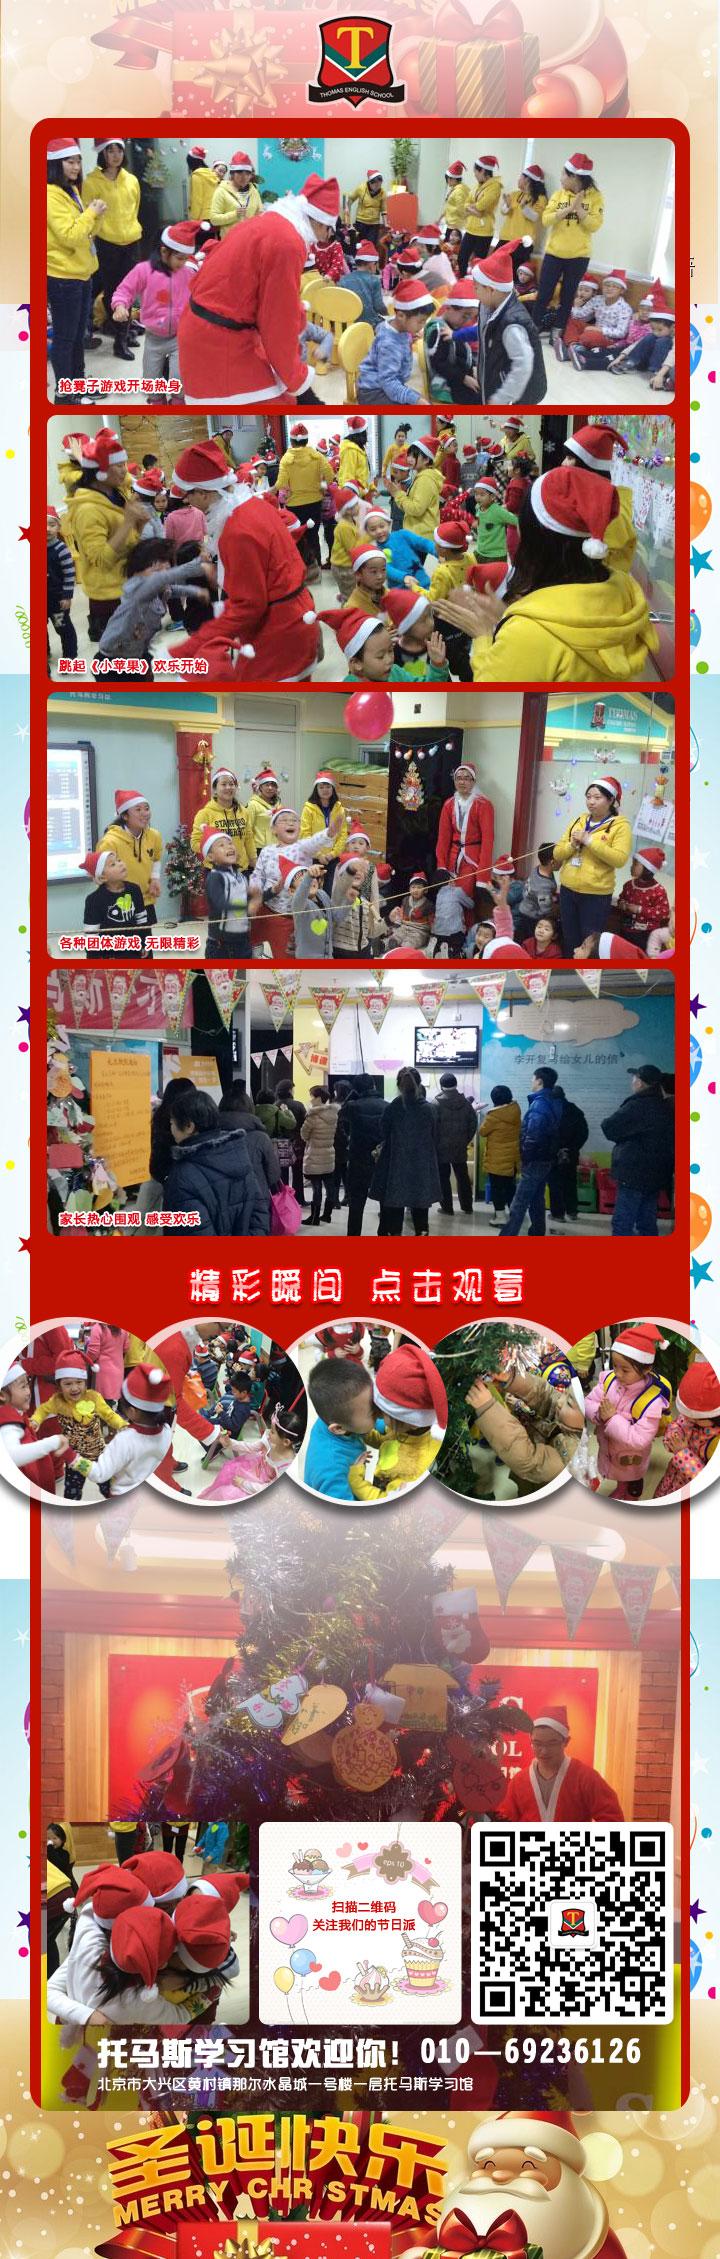 托马斯学习馆2014.12.25圣诞节狂欢派对